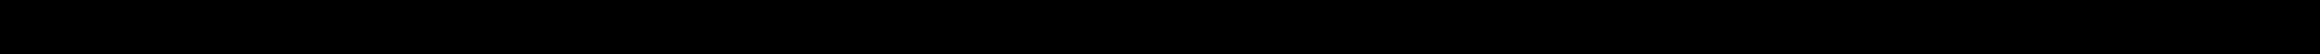 RIDEX 116170406000, 116170406002, 116760406002, 116760469600, 116760469601 Polttoainesuodatin